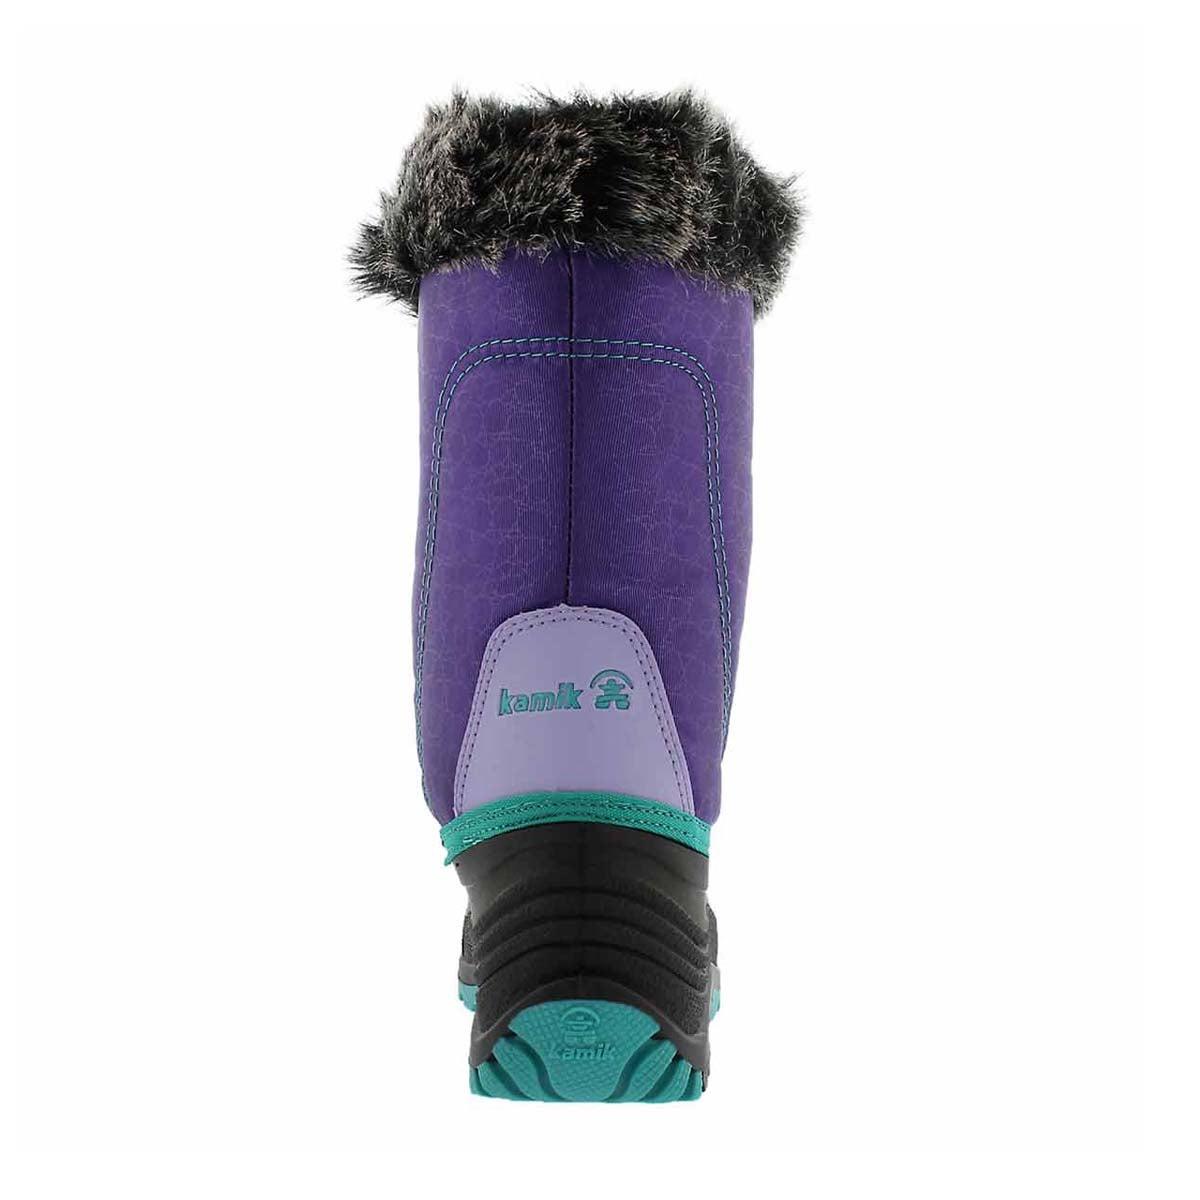 Grls Snowgypsy purple winter boot